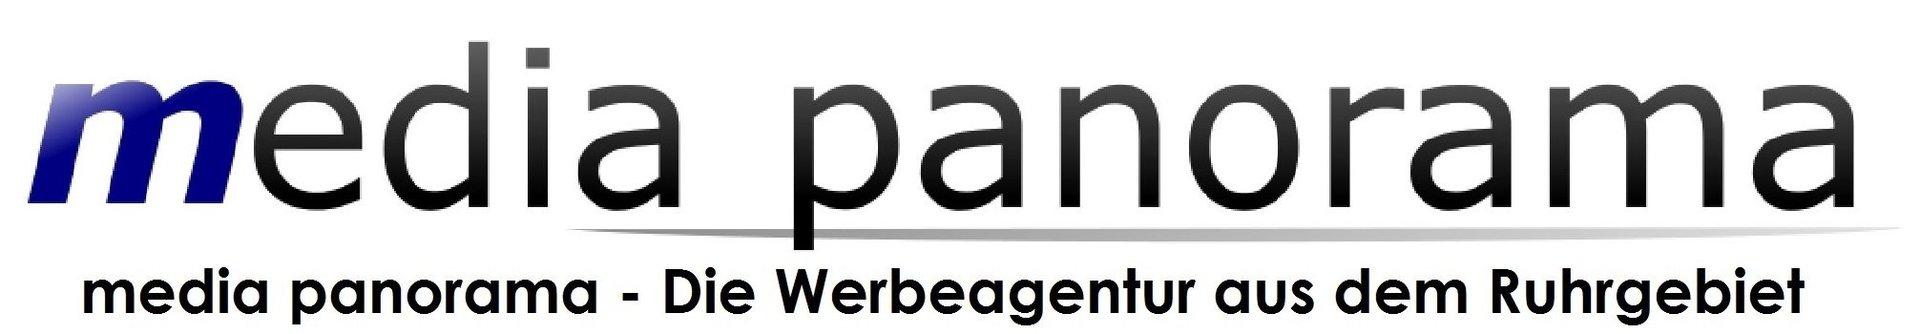 Media Panorama - Die Werbeagentur für Bochum Dortmund